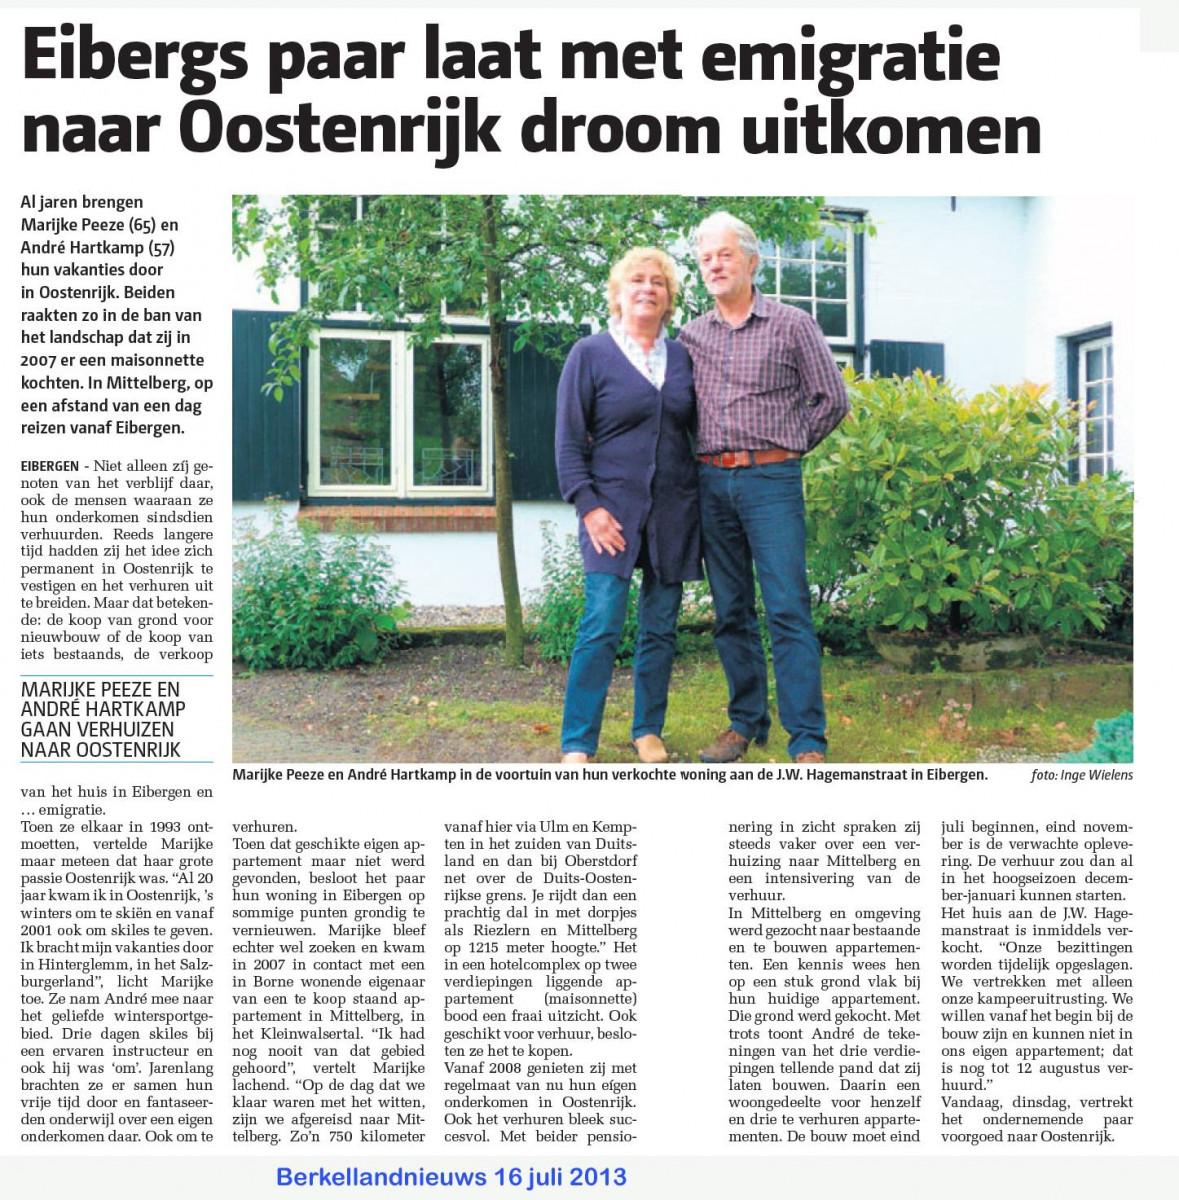 2013 verhuizng naar Mittelberg